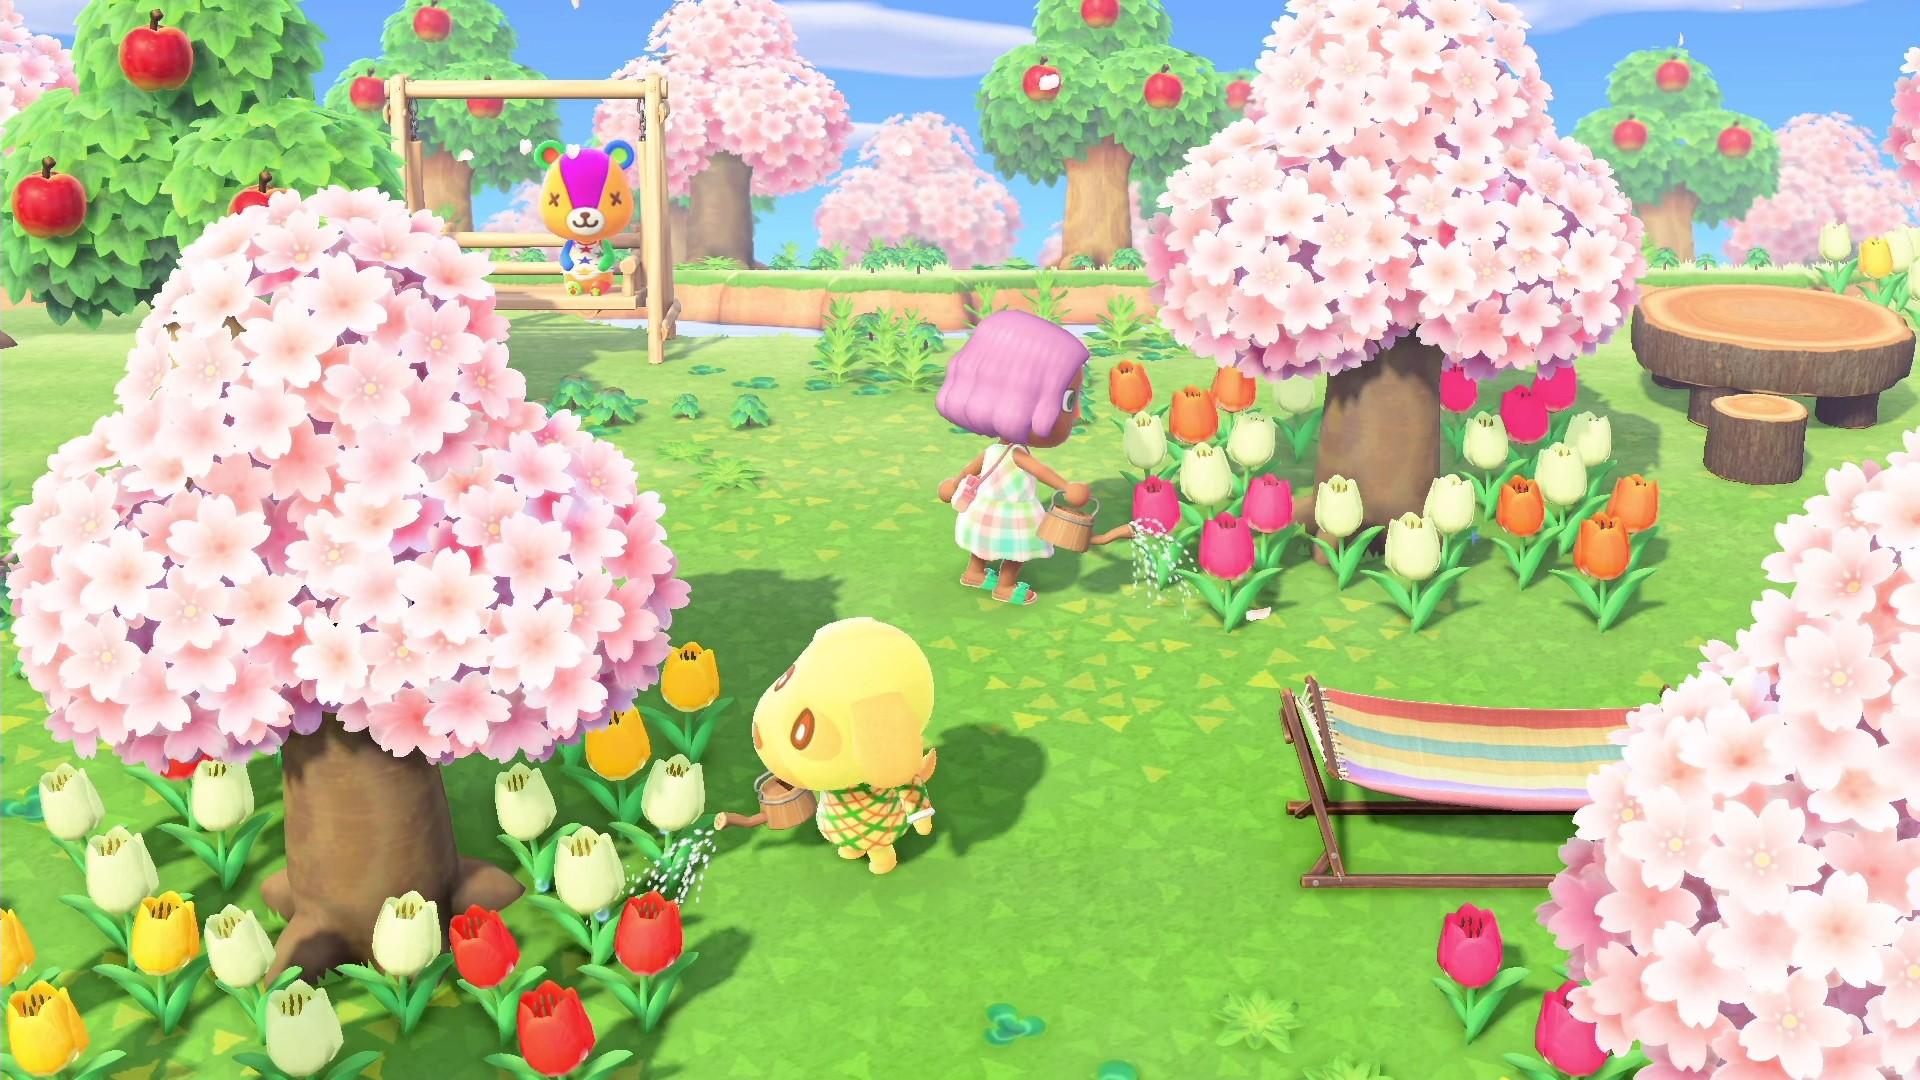 桜やチューリップがきれいですね (^-^) 季節は春かな